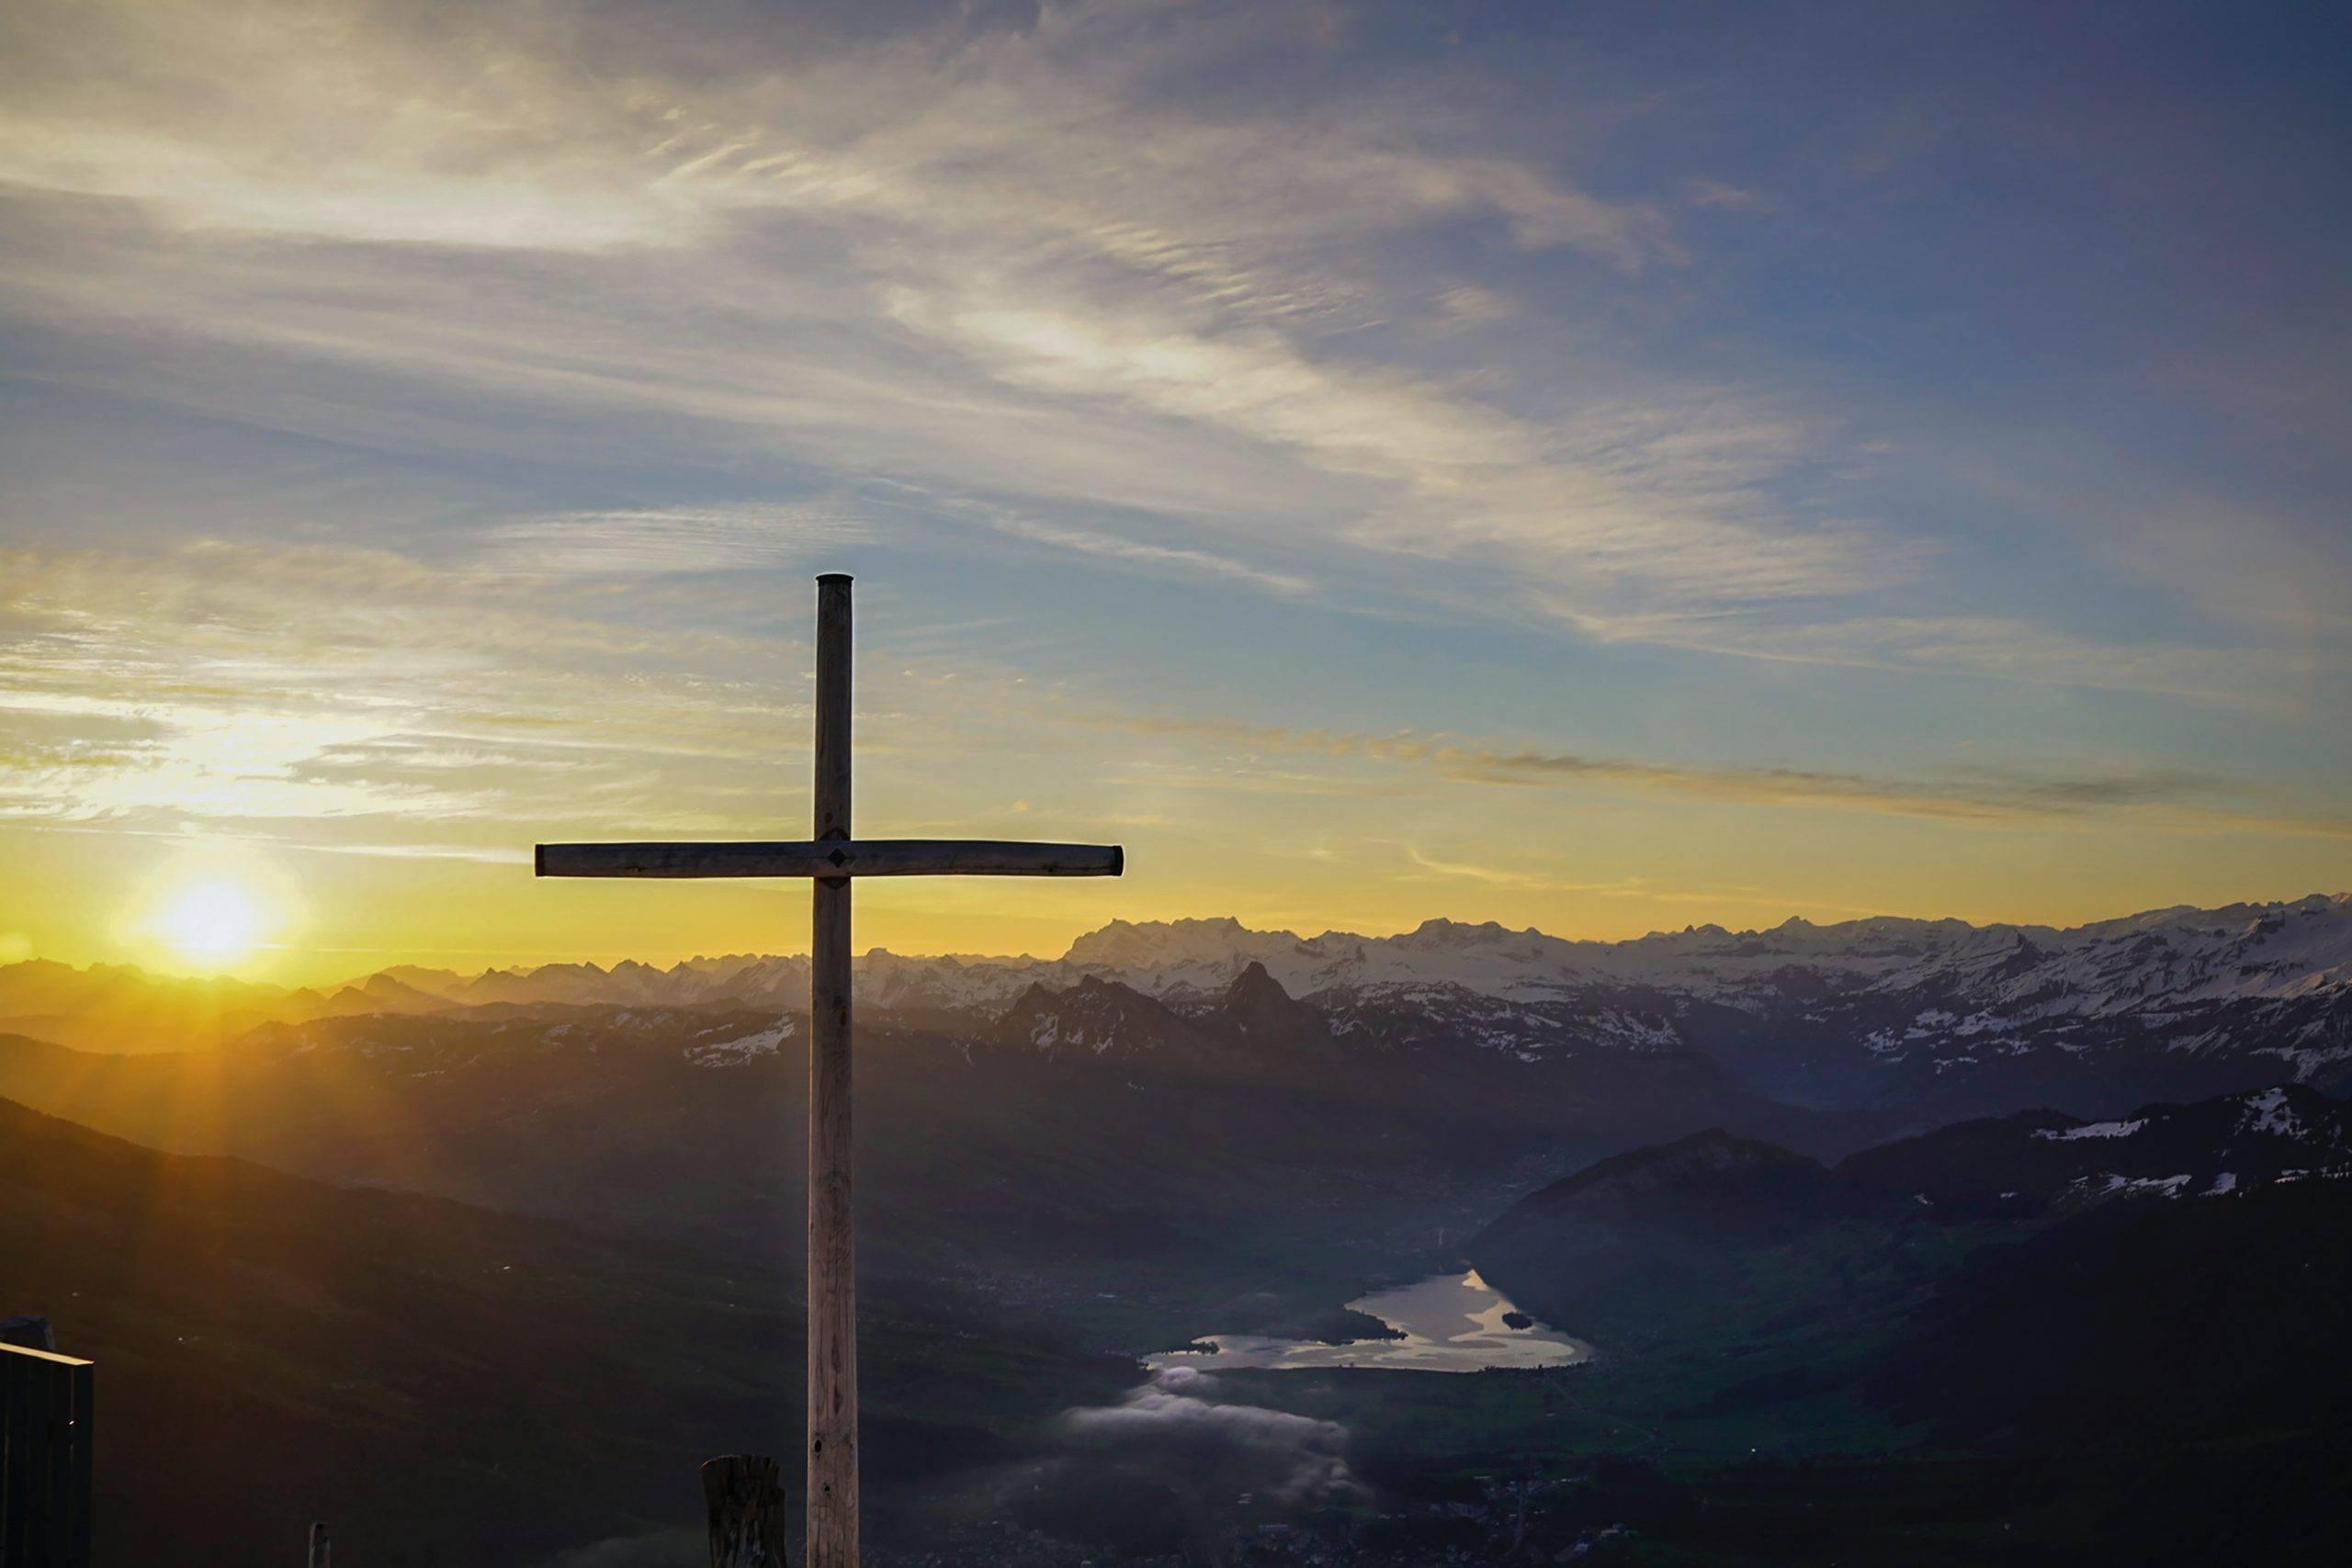 Kereszténység, középkori bölcselet, teológiai viták; Patrisztika: Szent Ágoston, Skolasztika: Aquinói Szent Tamás